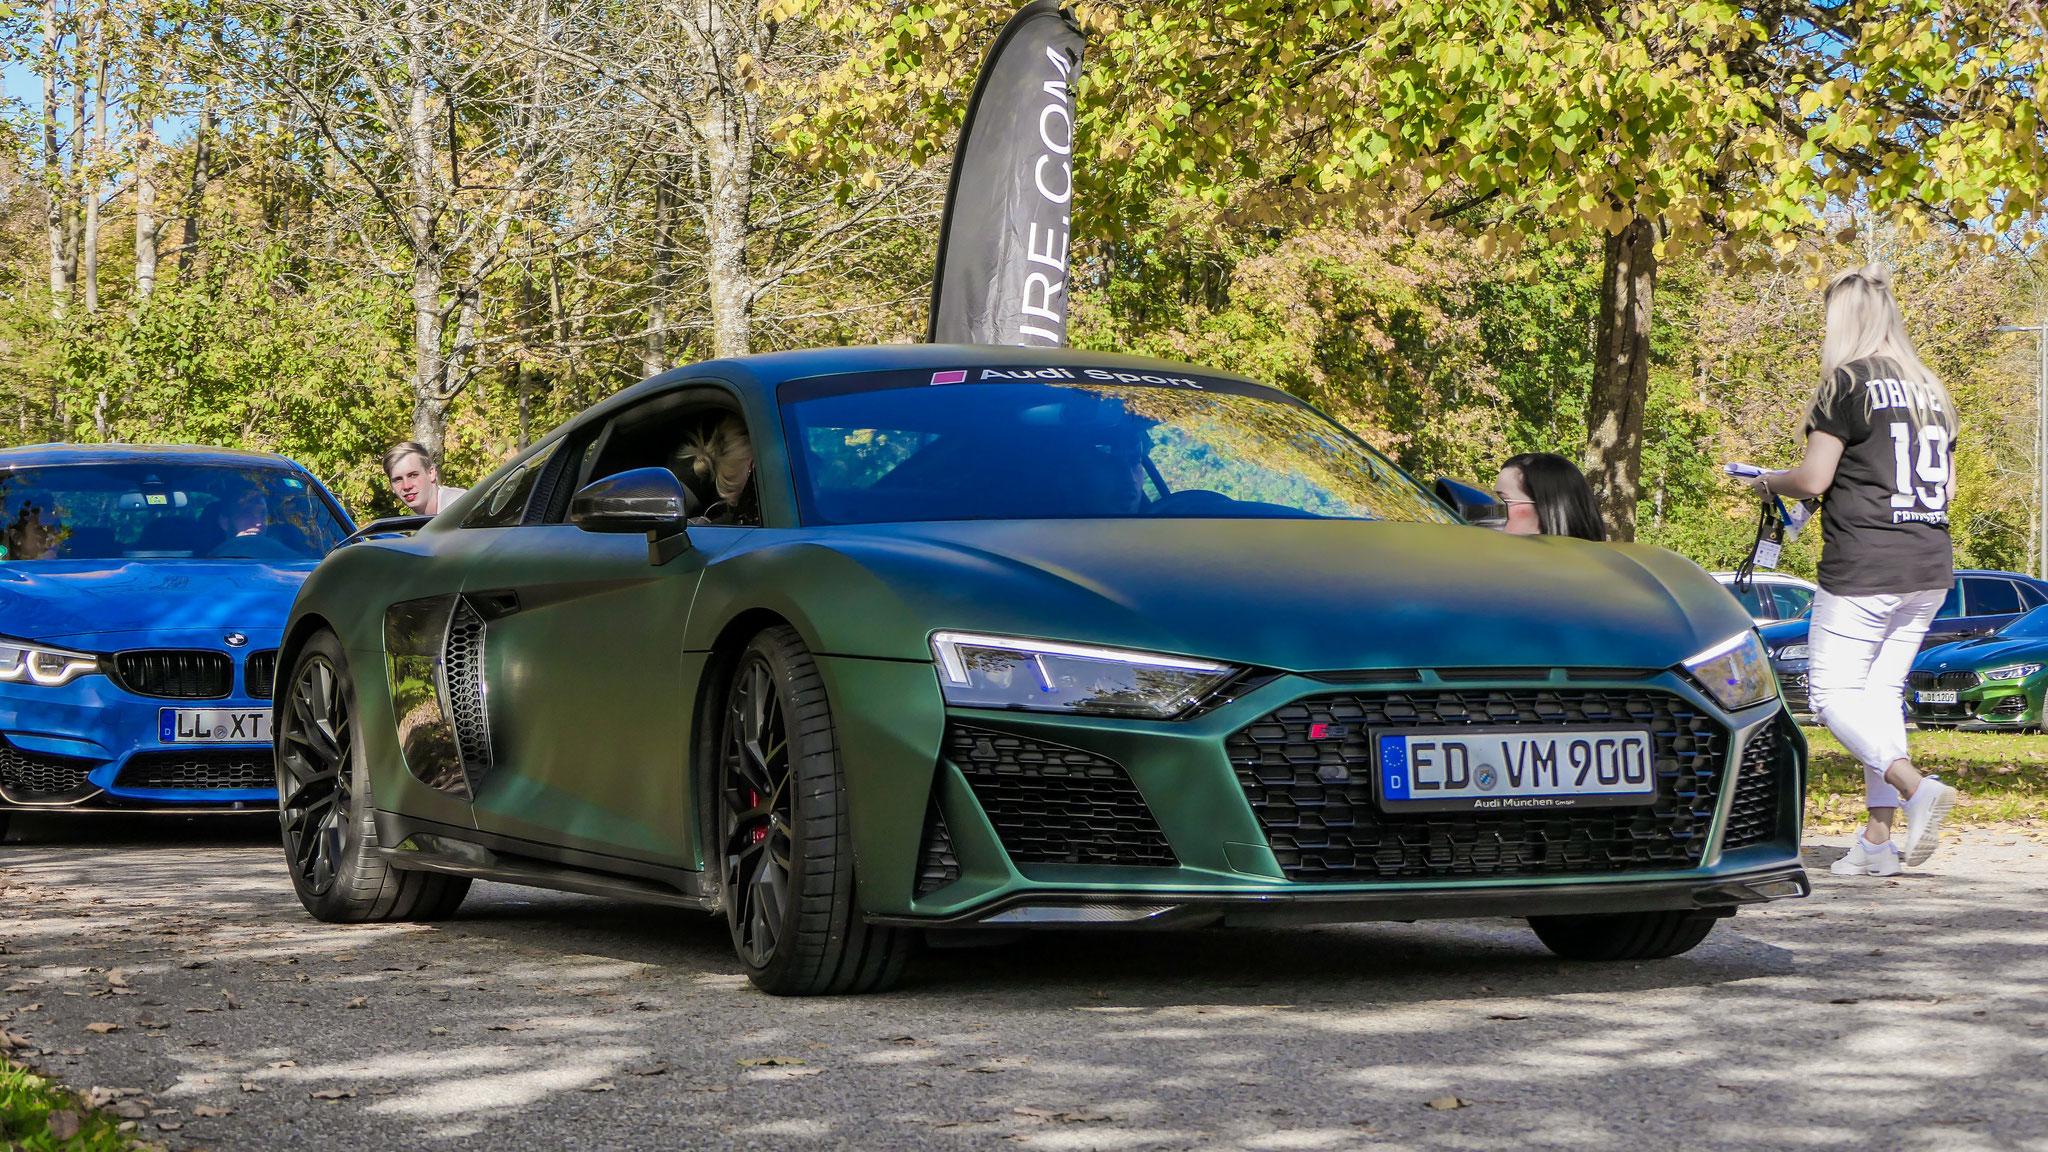 Audi R8 V10 - ED-VM-900